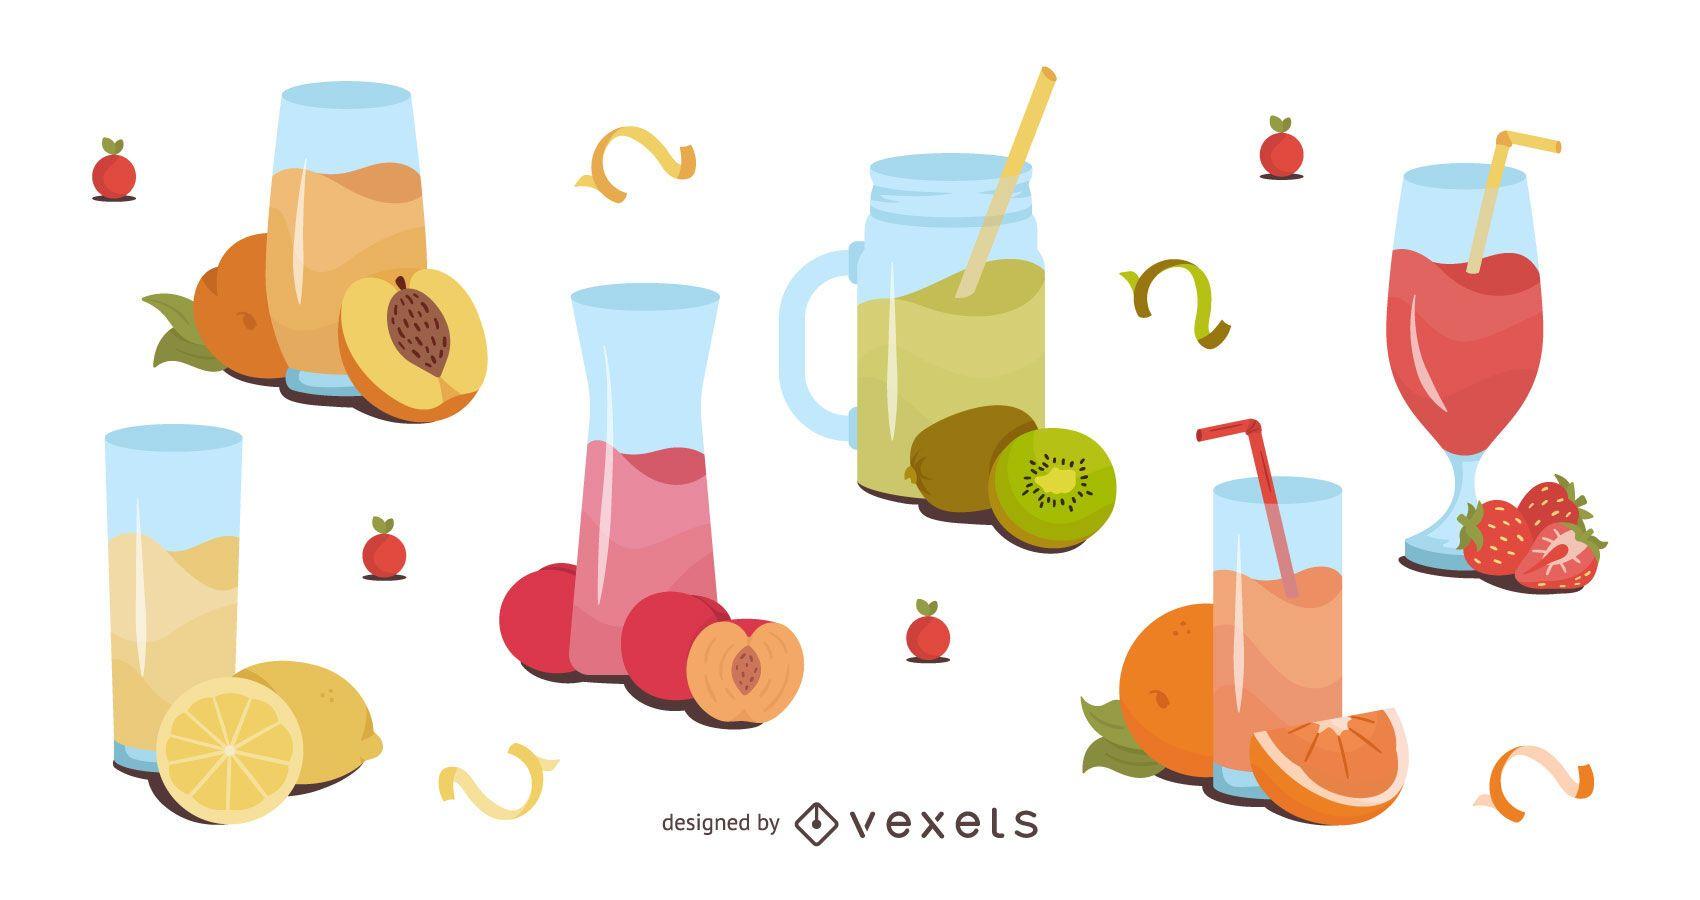 Fruit Juice Illustration Design Pack